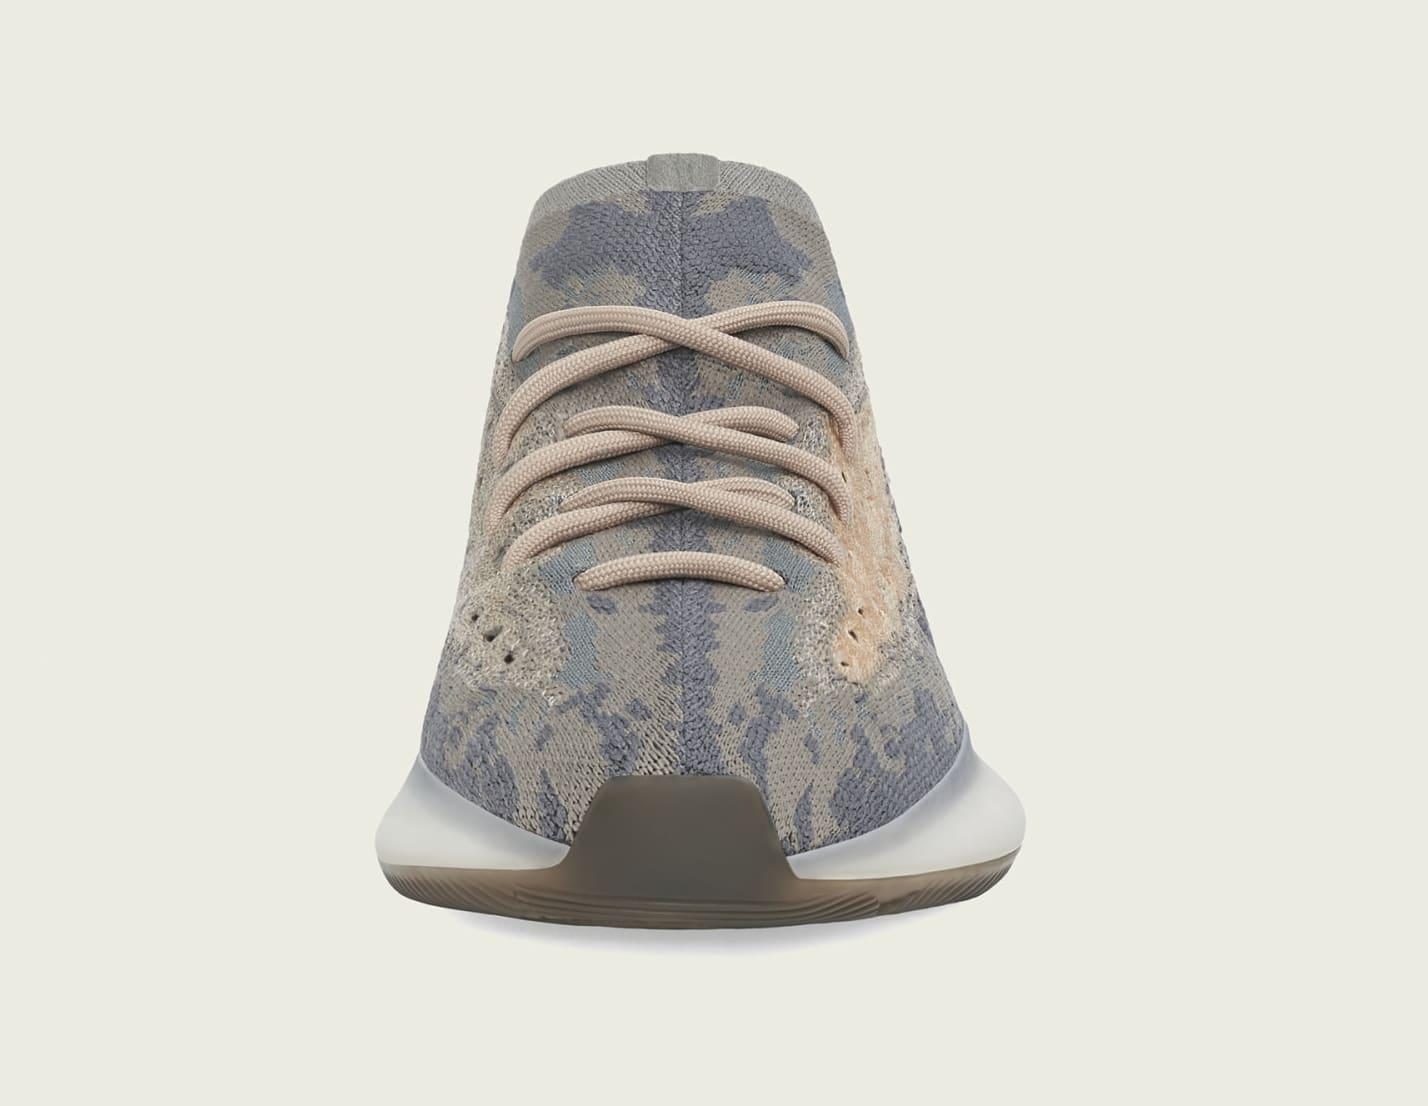 Adidas Yeezy Boost 380 'Mist' FX9764 Front